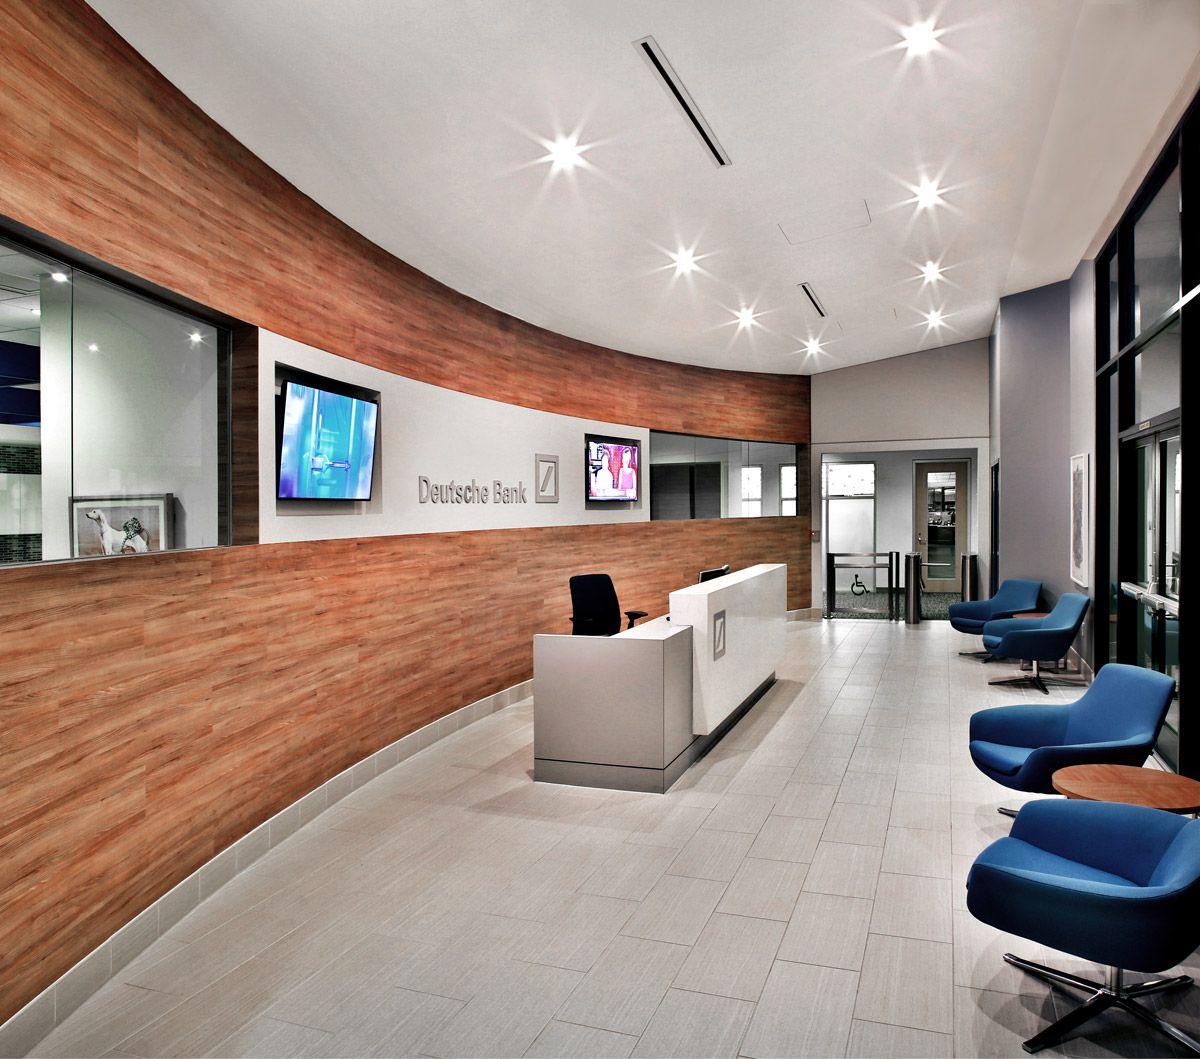 Deutsche-Bank---400-Lobby.jpg